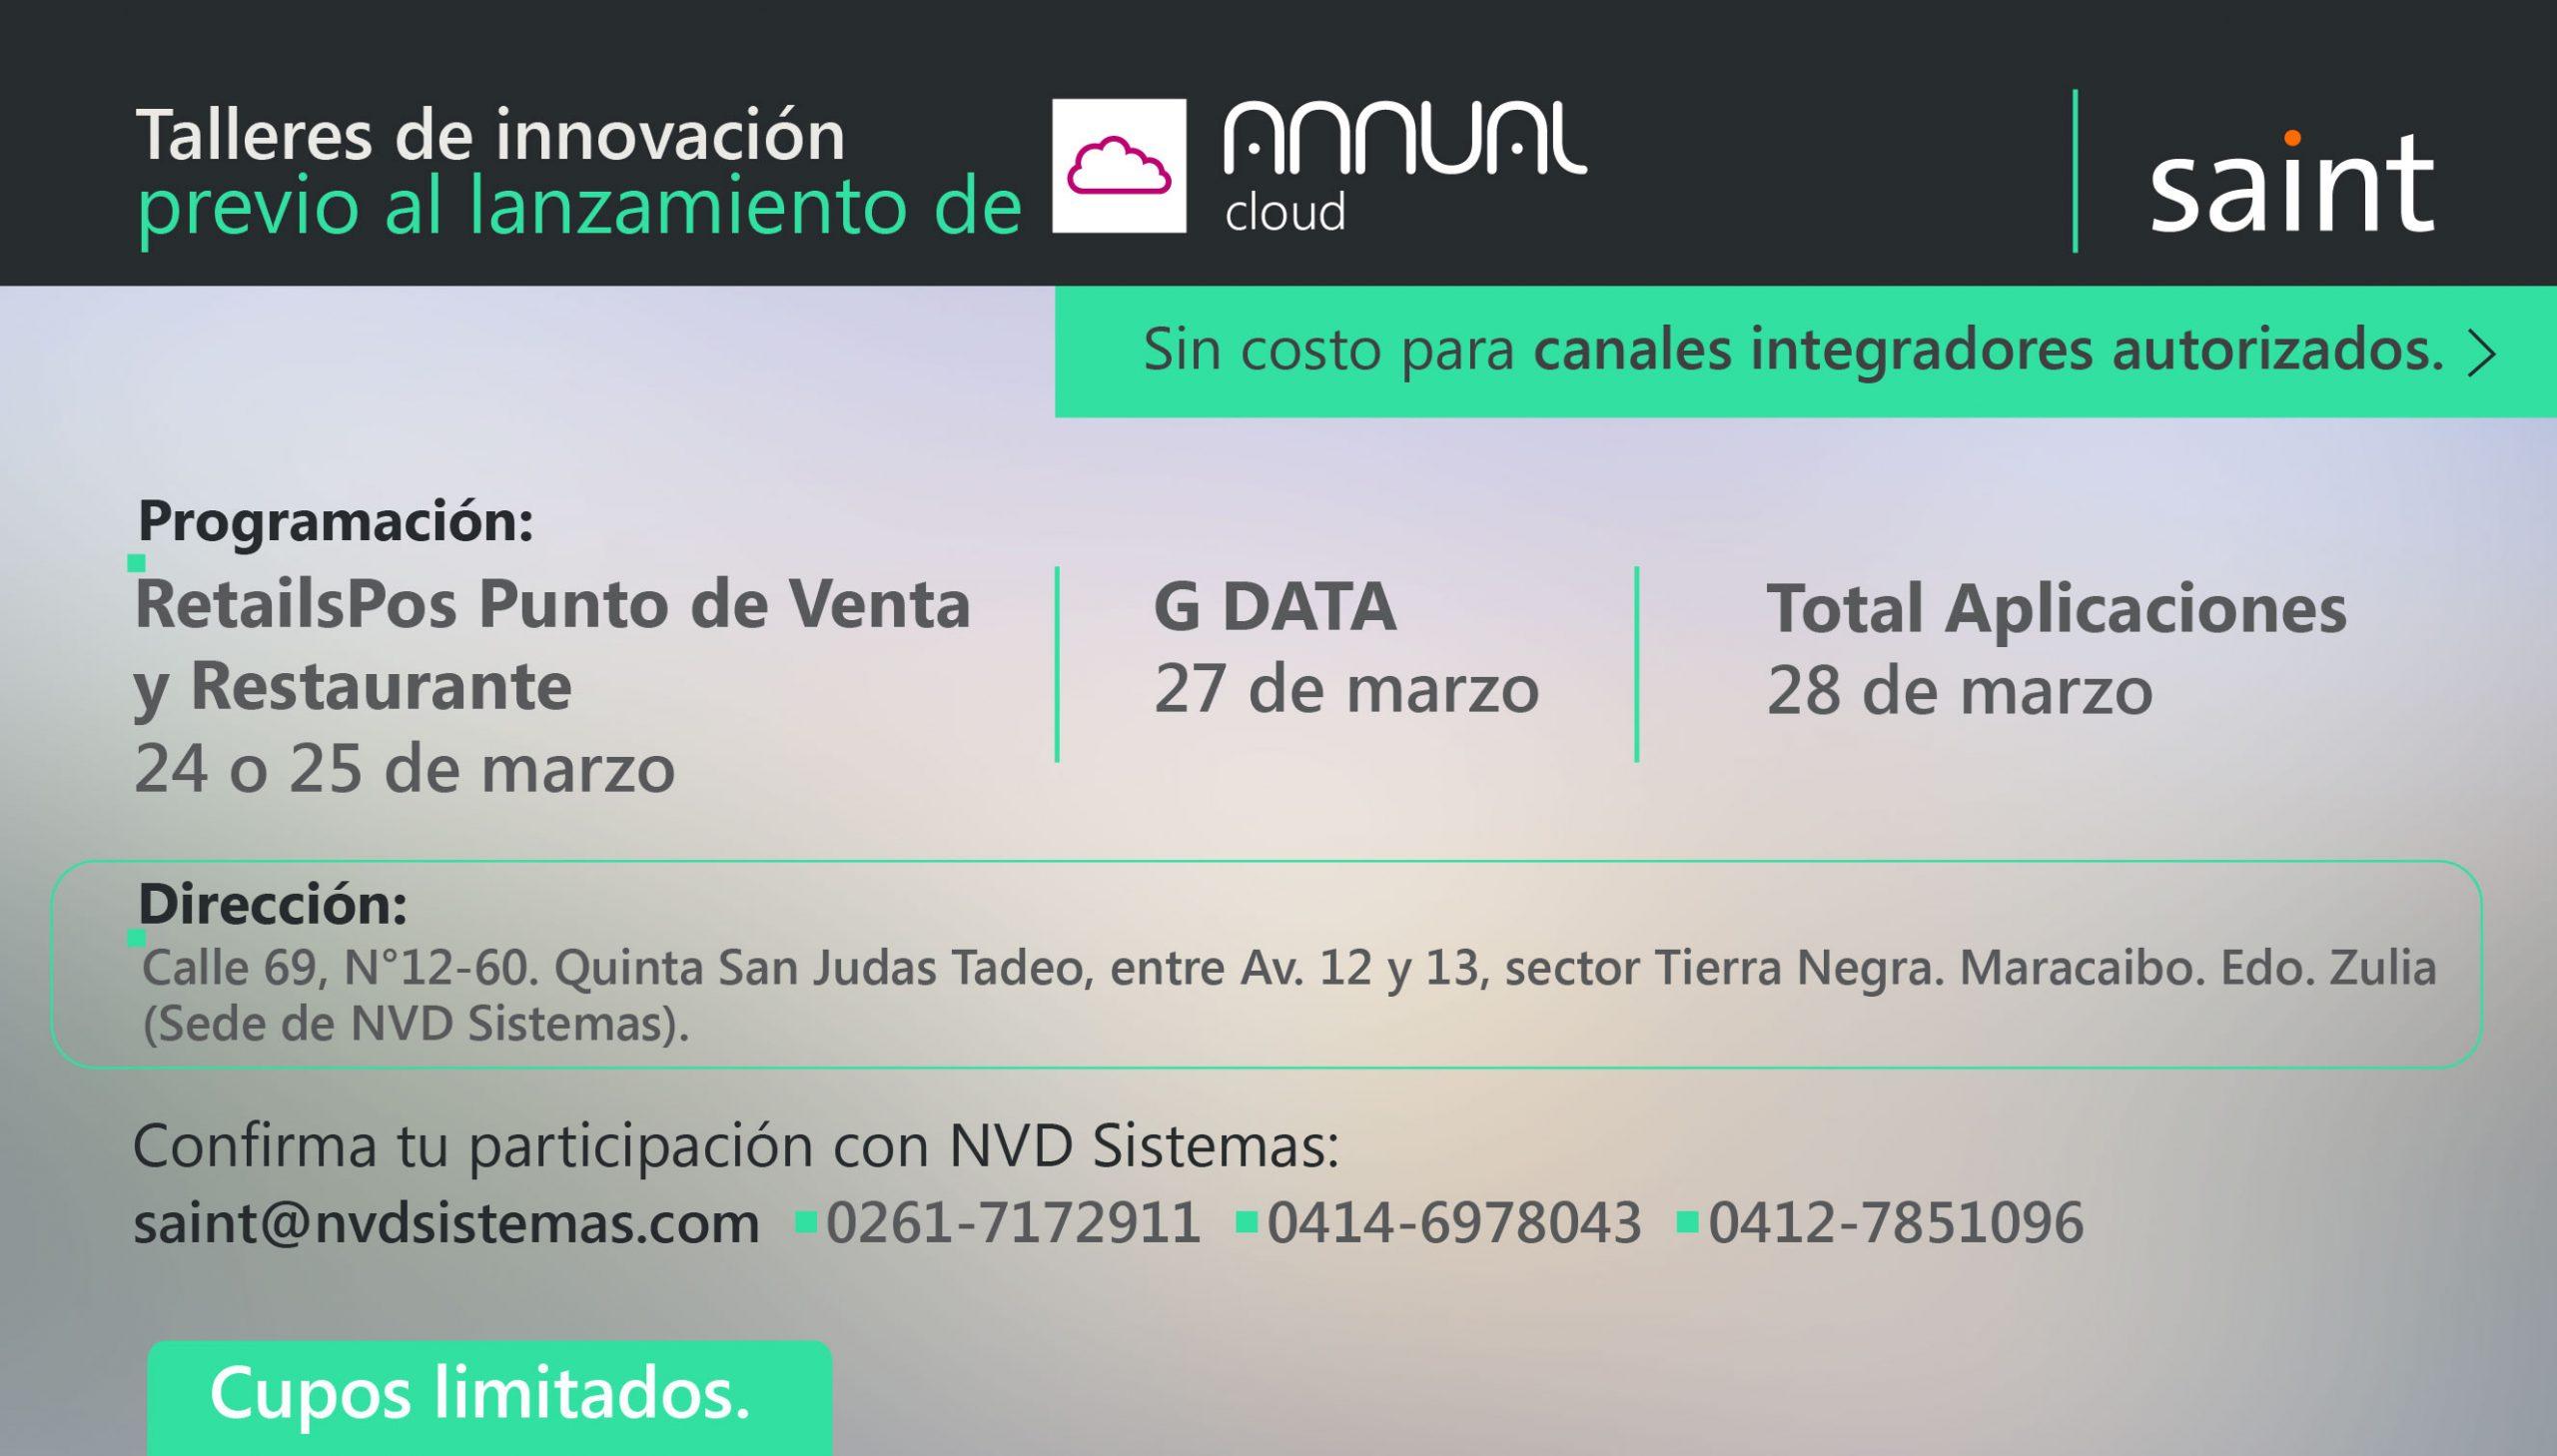 Talleres de aplicaciones de terceros, Maracaibo. Venezuela.